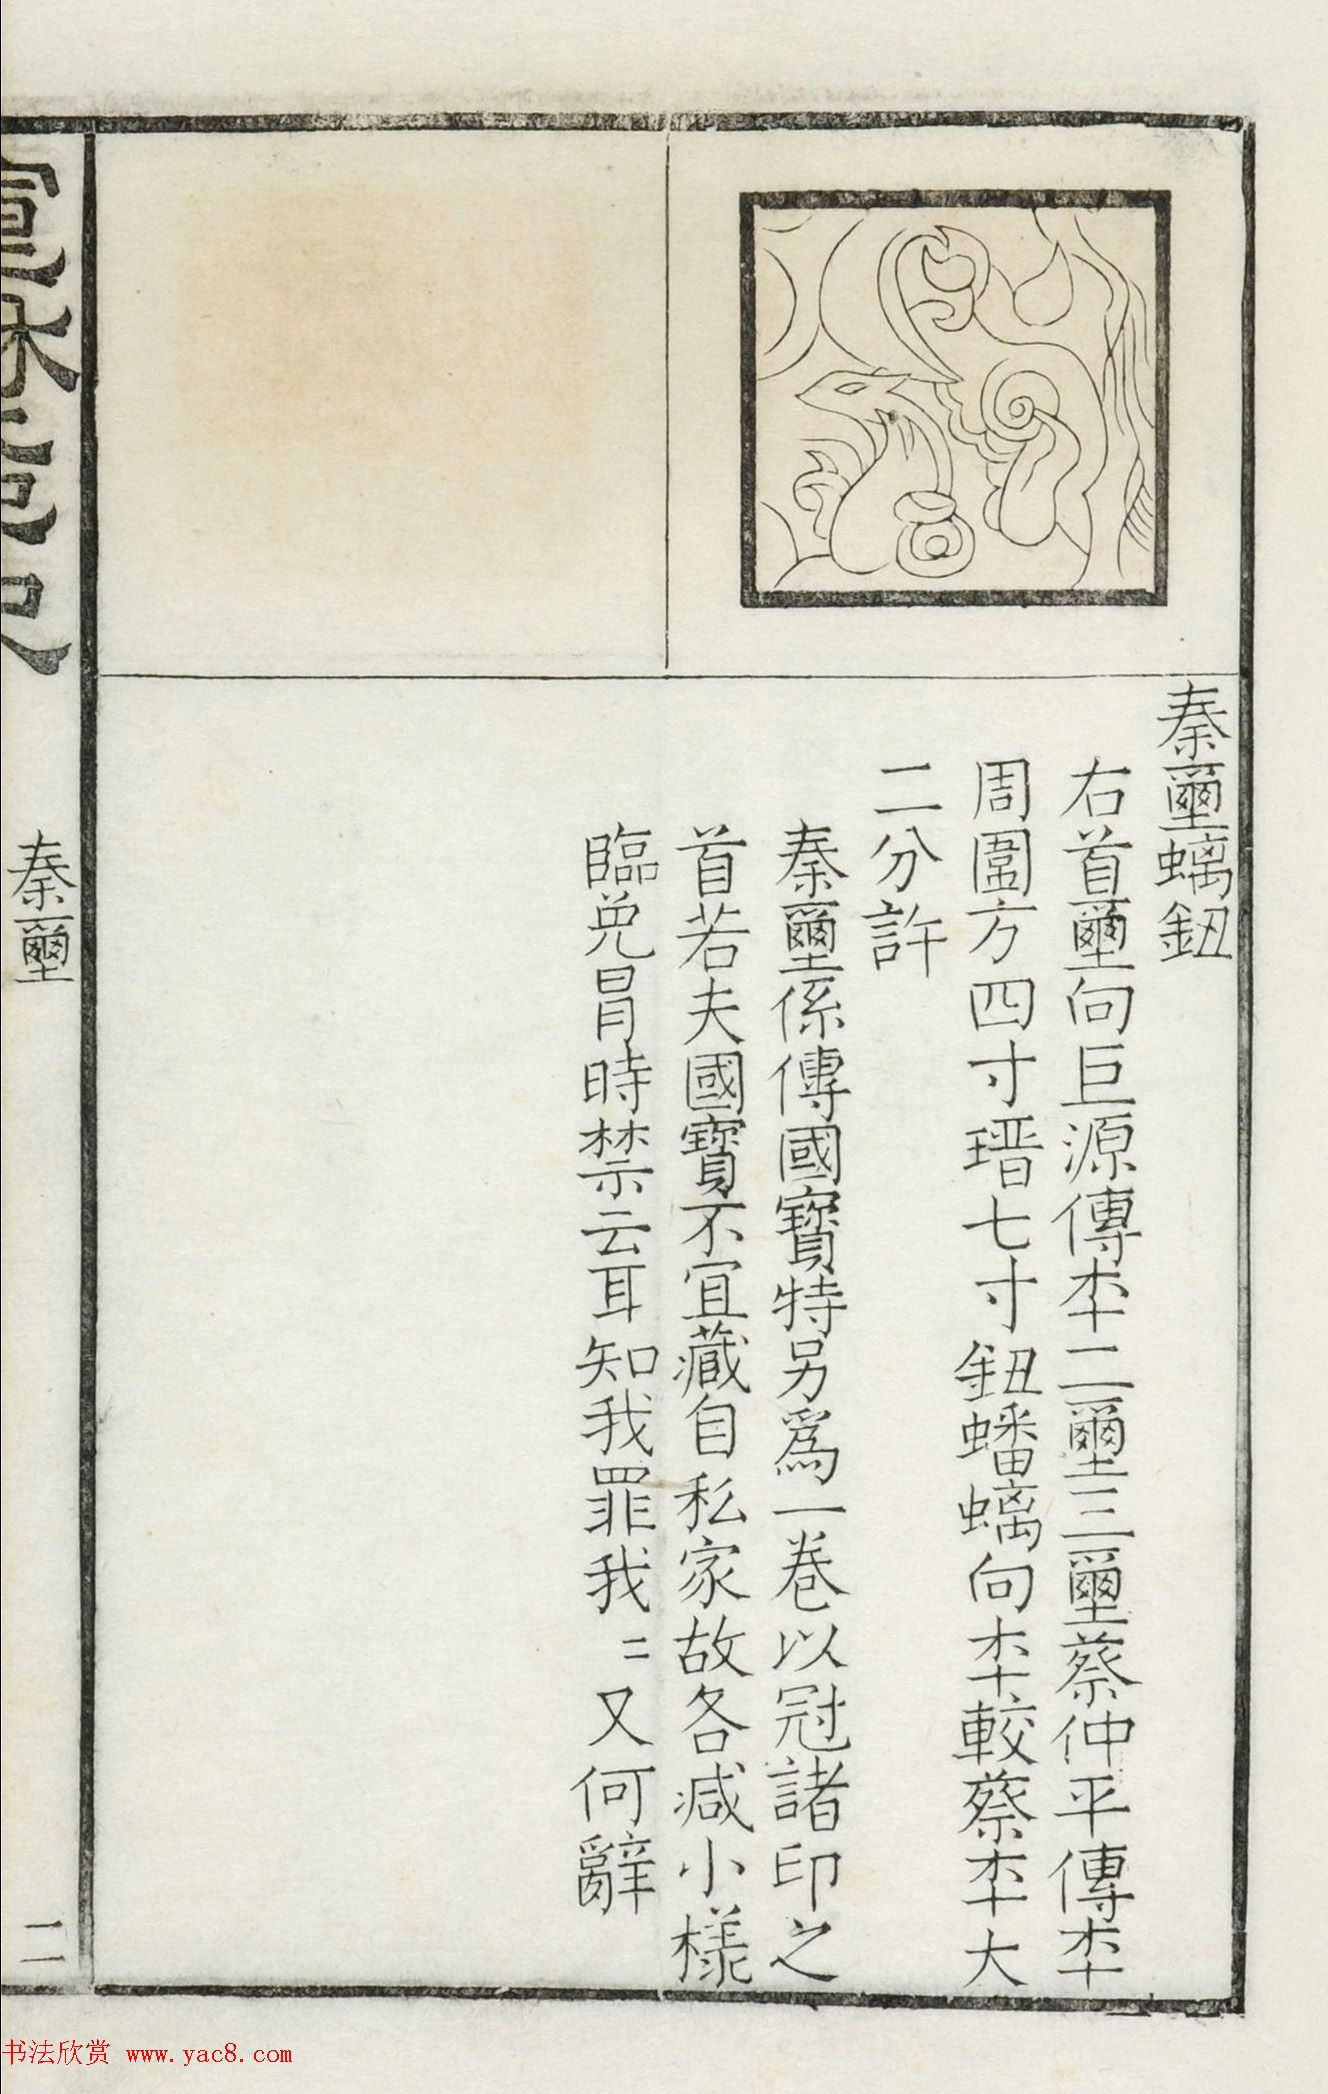 《宣和集古印史》卷一:秦玺3枚、小玺33枚